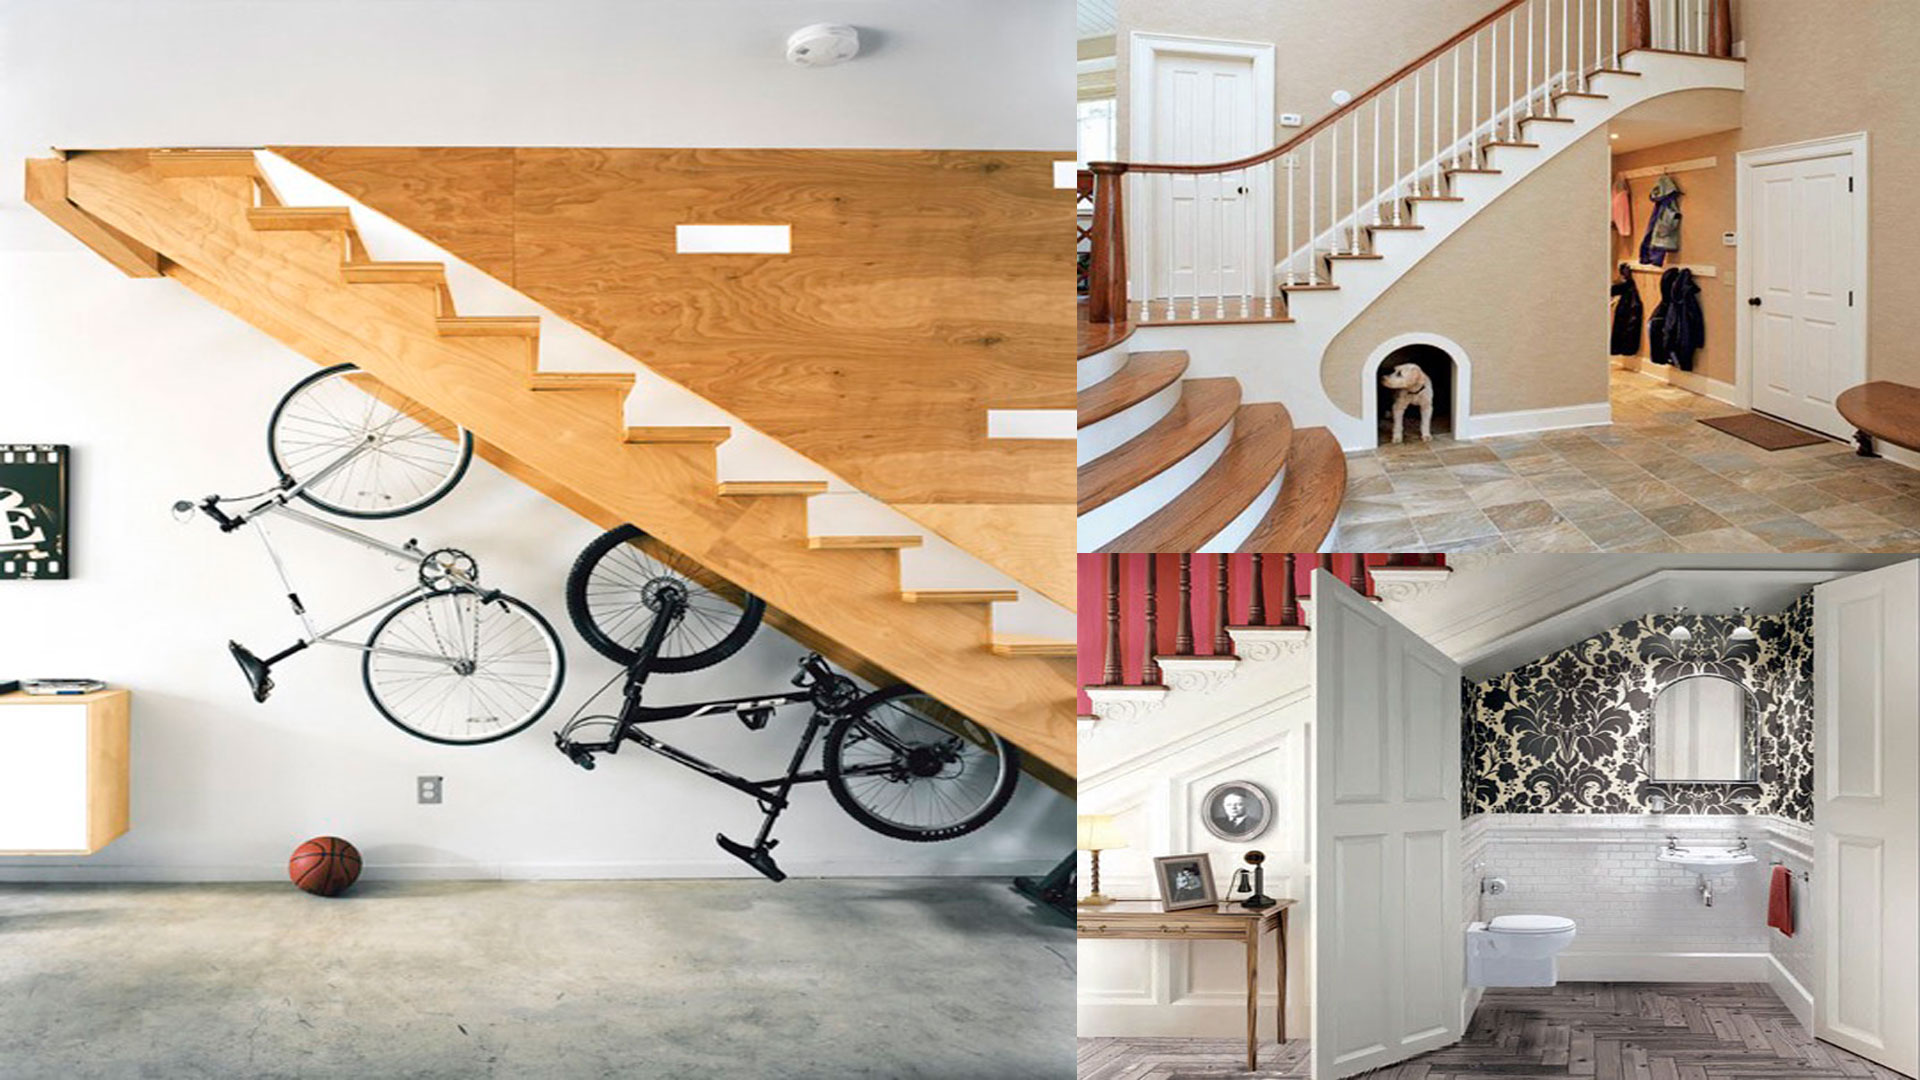 mucho-mas-que-unas-simples-escaleras-2-1920